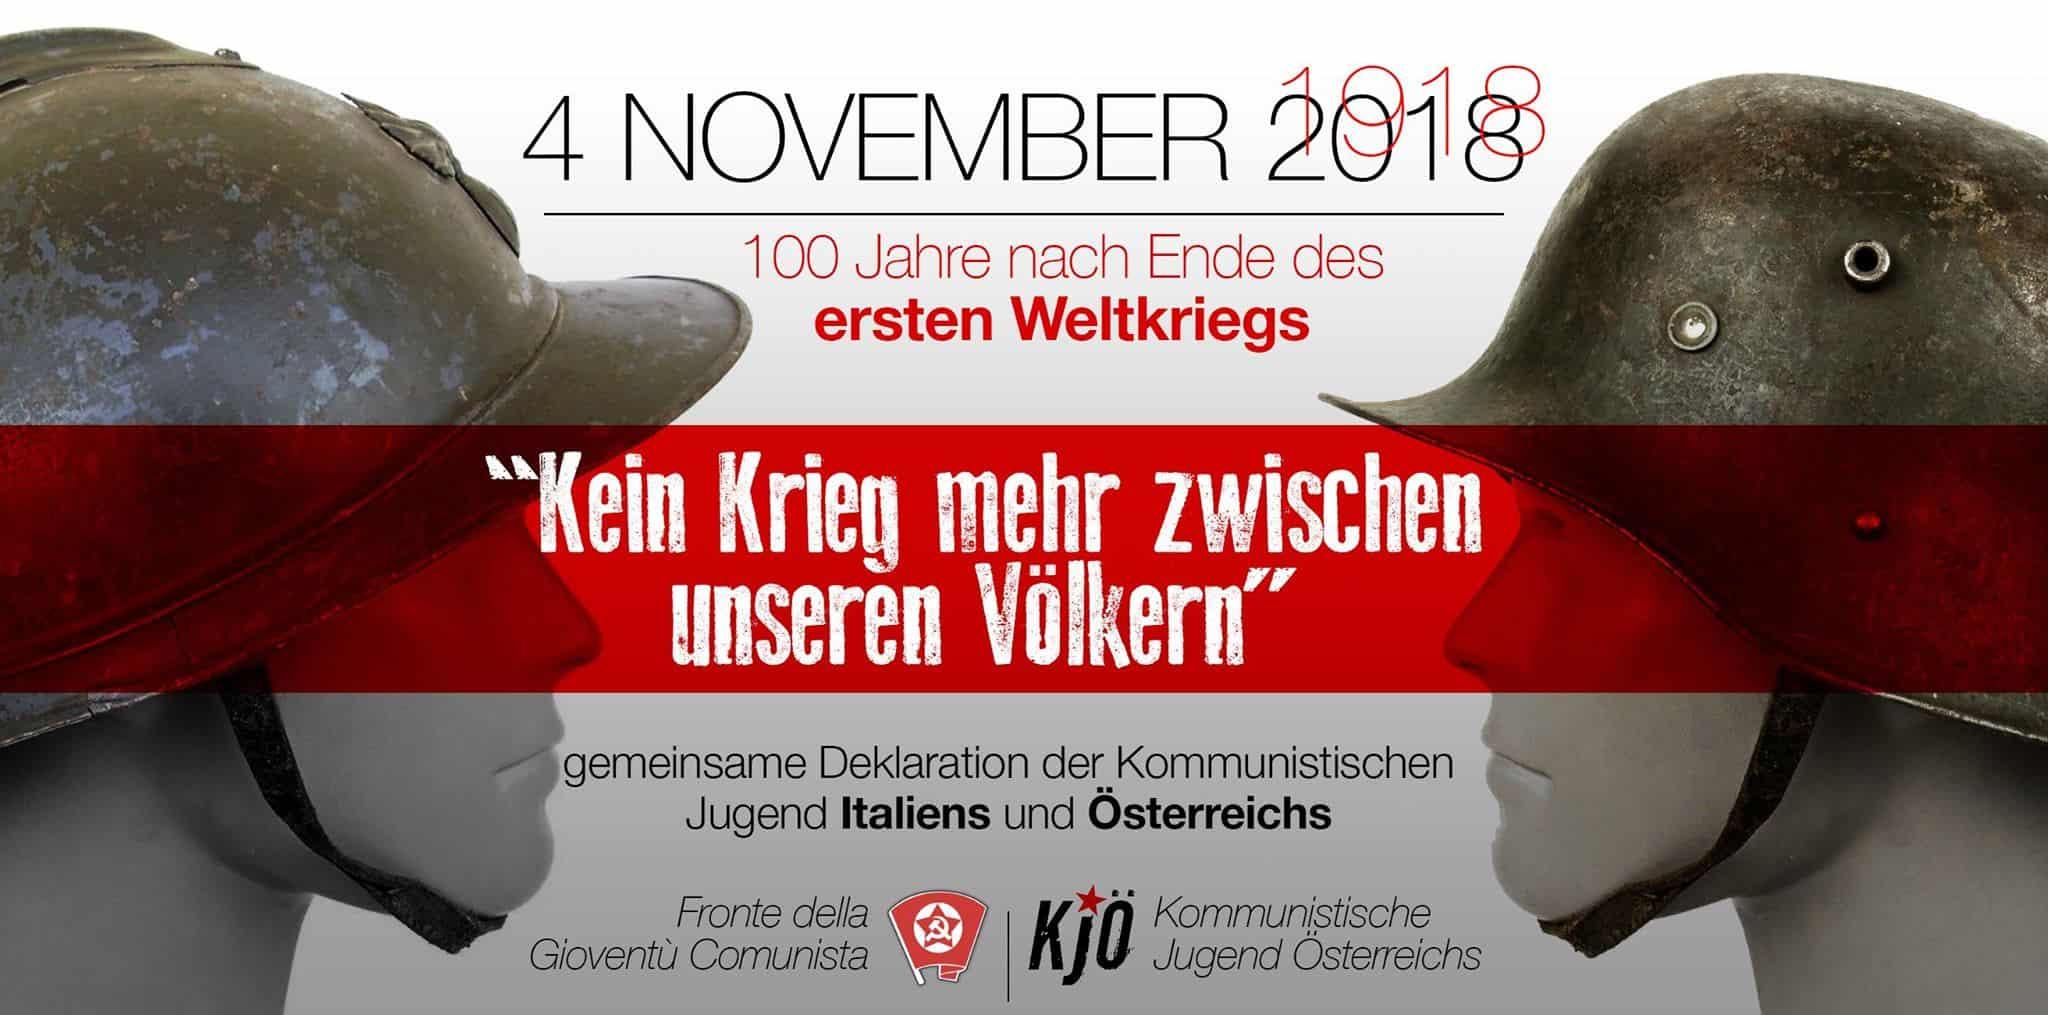 """Gemeinsame Deklaration der Kommunistischen Jugend Italiens und Österreichs unter dem Motto """"Kein Krieg mehr zwischen unseren Völkern"""""""